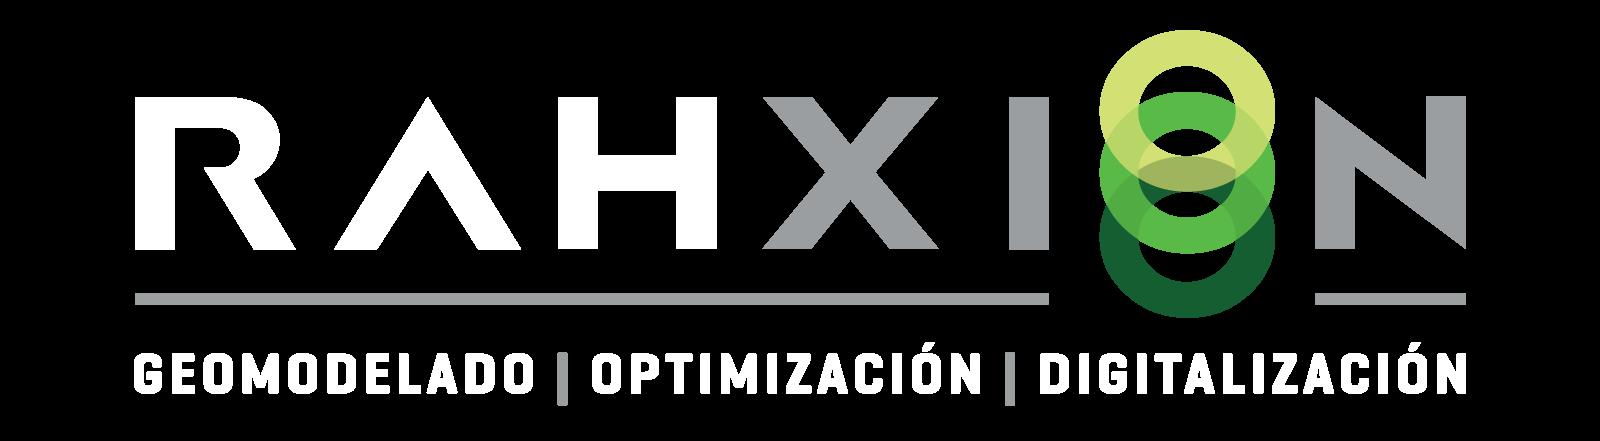 RAHXION – Consultores en digitalización y optimización de procesos para el sector Hidrocarburos.